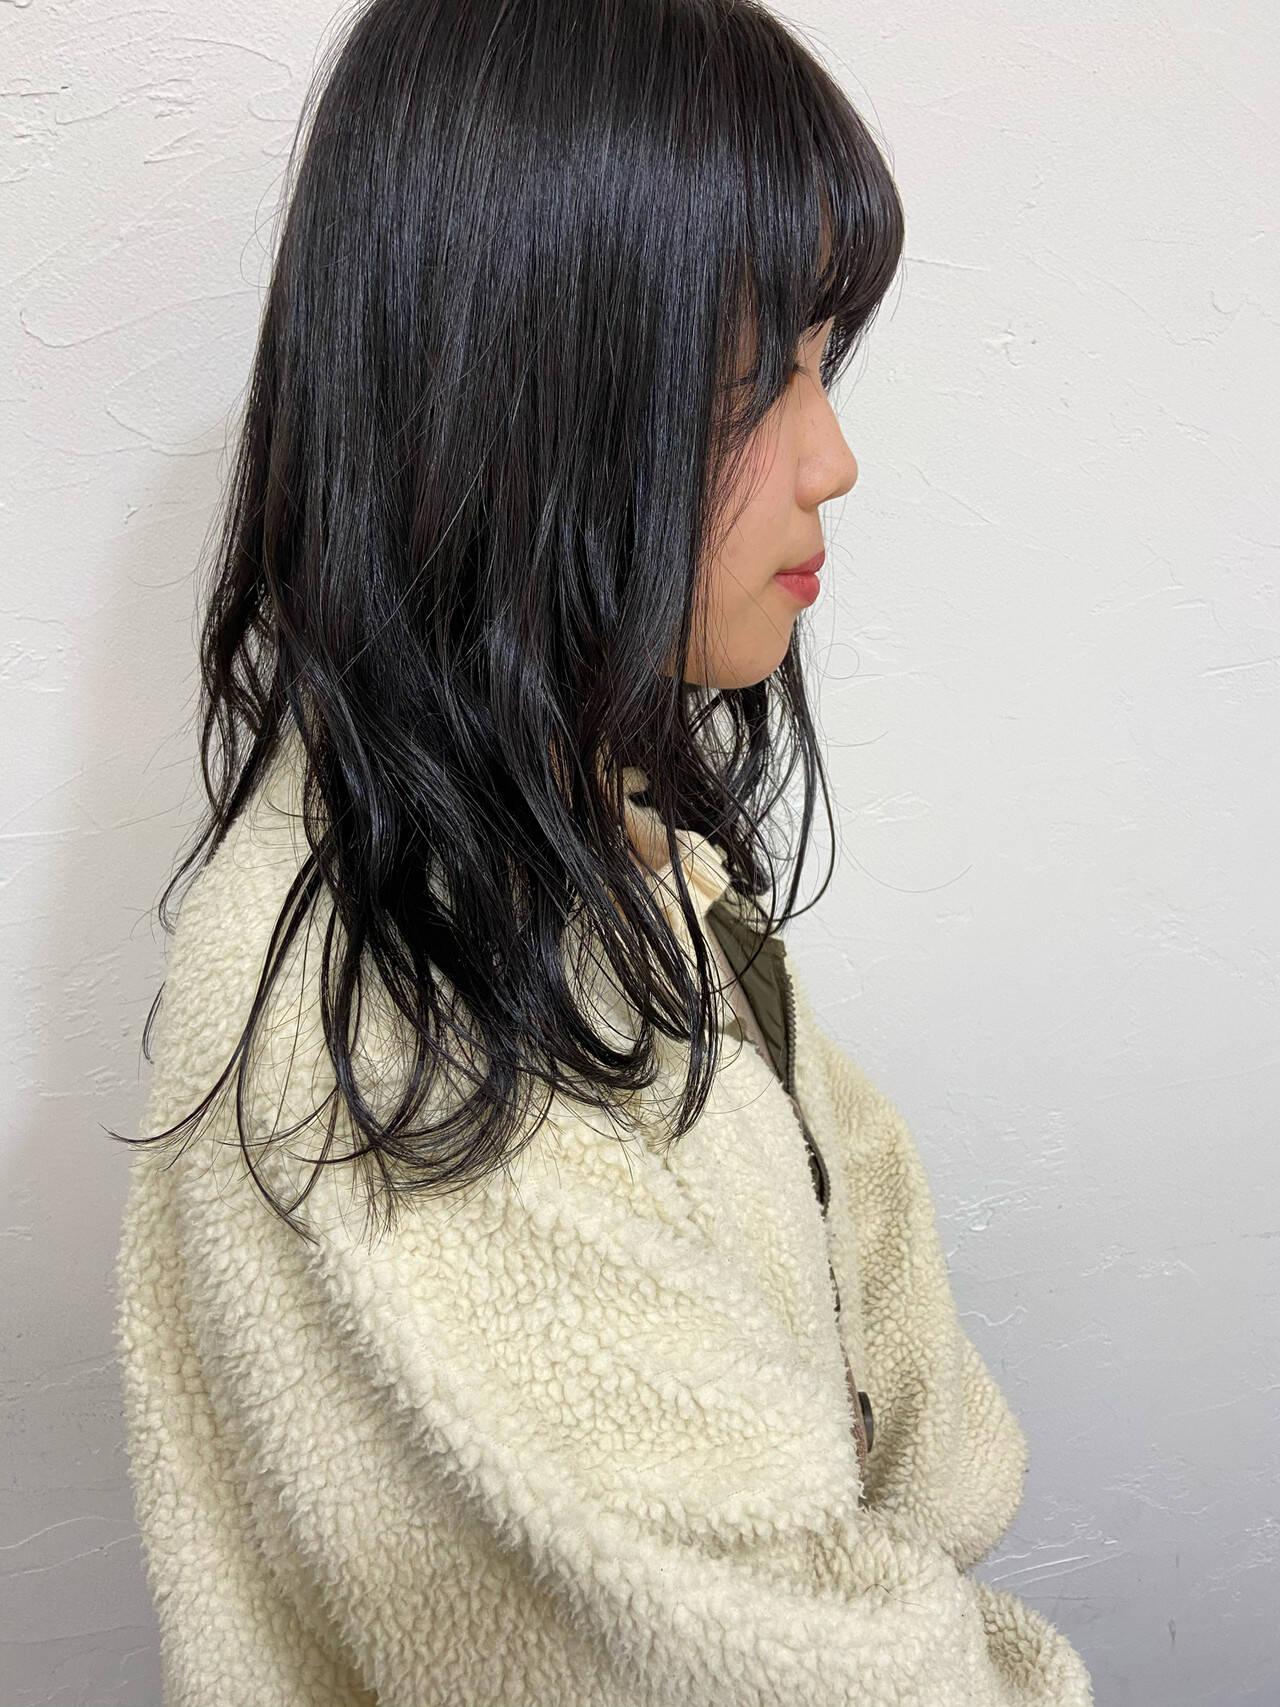 ブルーブラック 黒髪 ナチュラル 暗髪女子ヘアスタイルや髪型の写真・画像